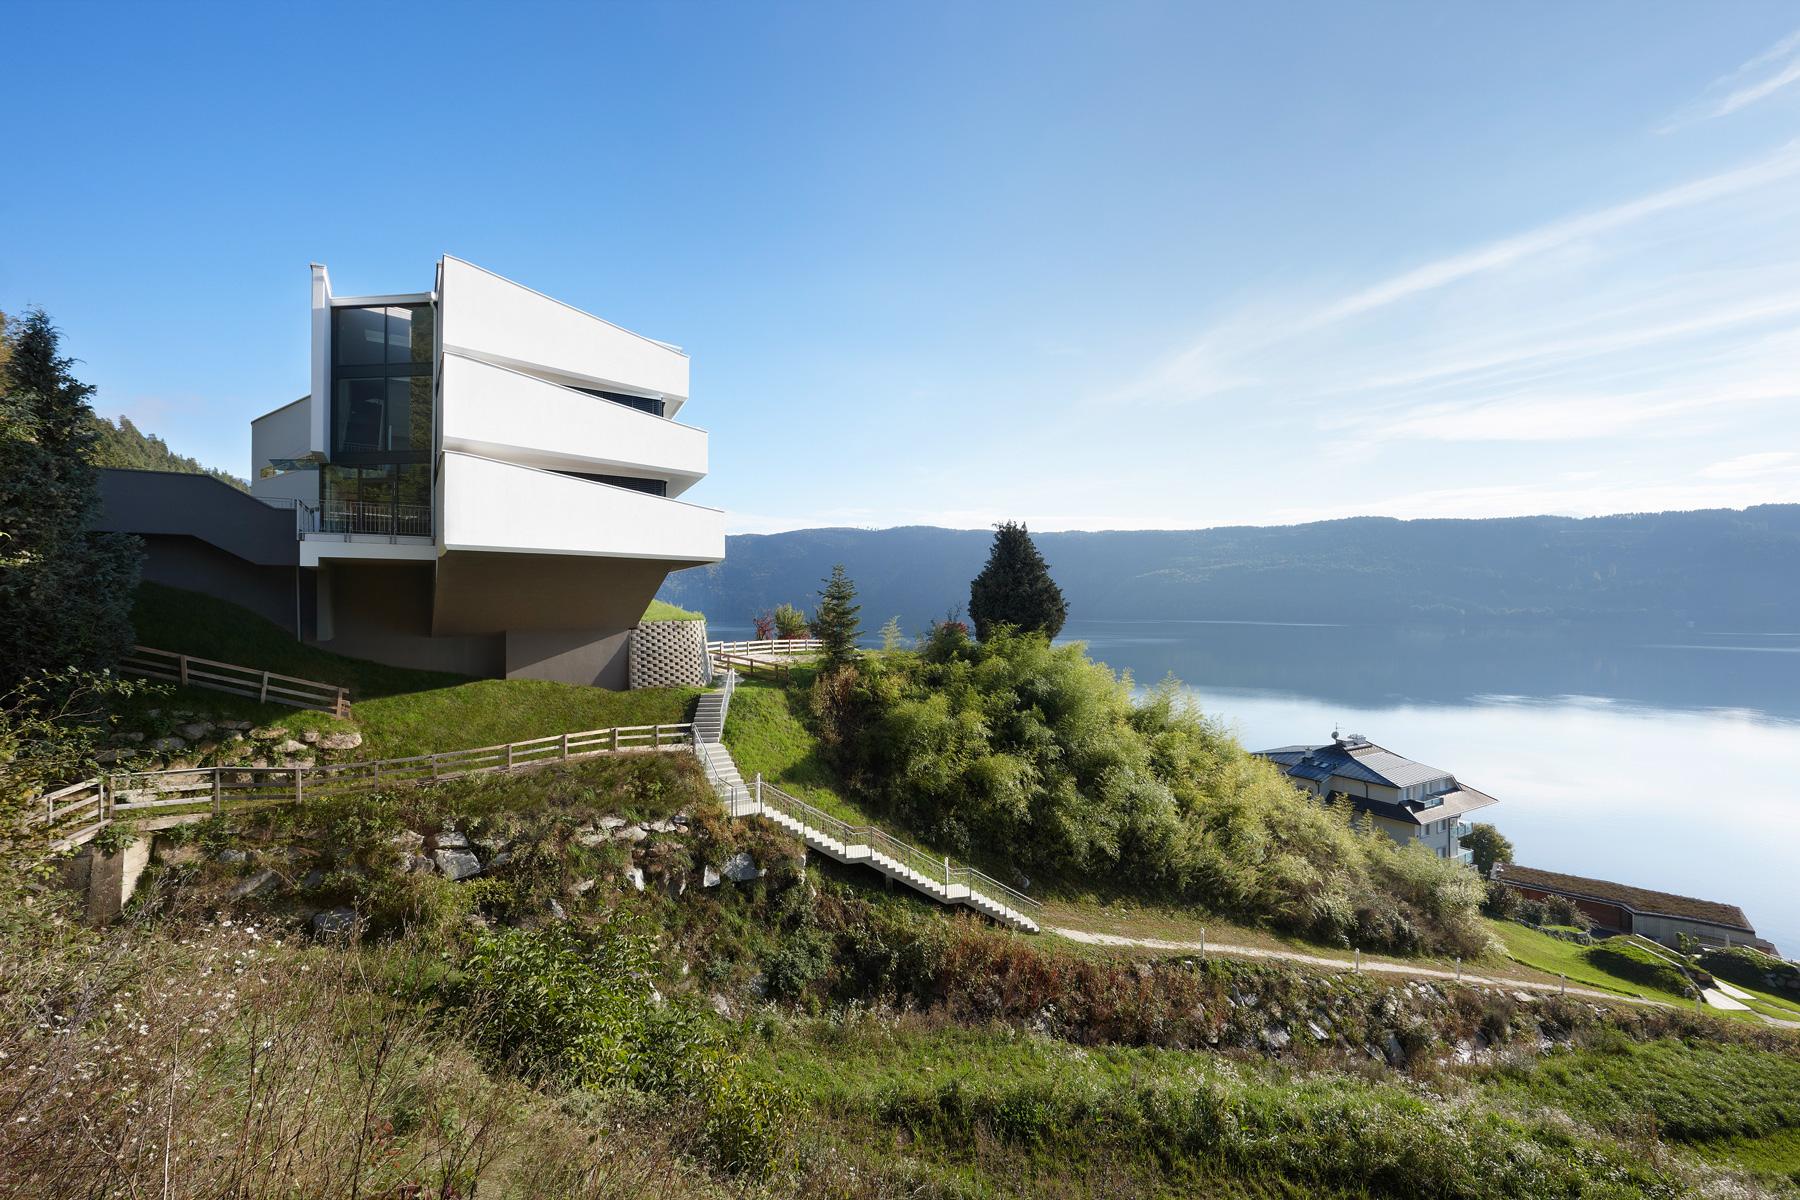 A01 architects - Sonnenvillen_(c)Philipp Kreidl_DS_0534_e - web02